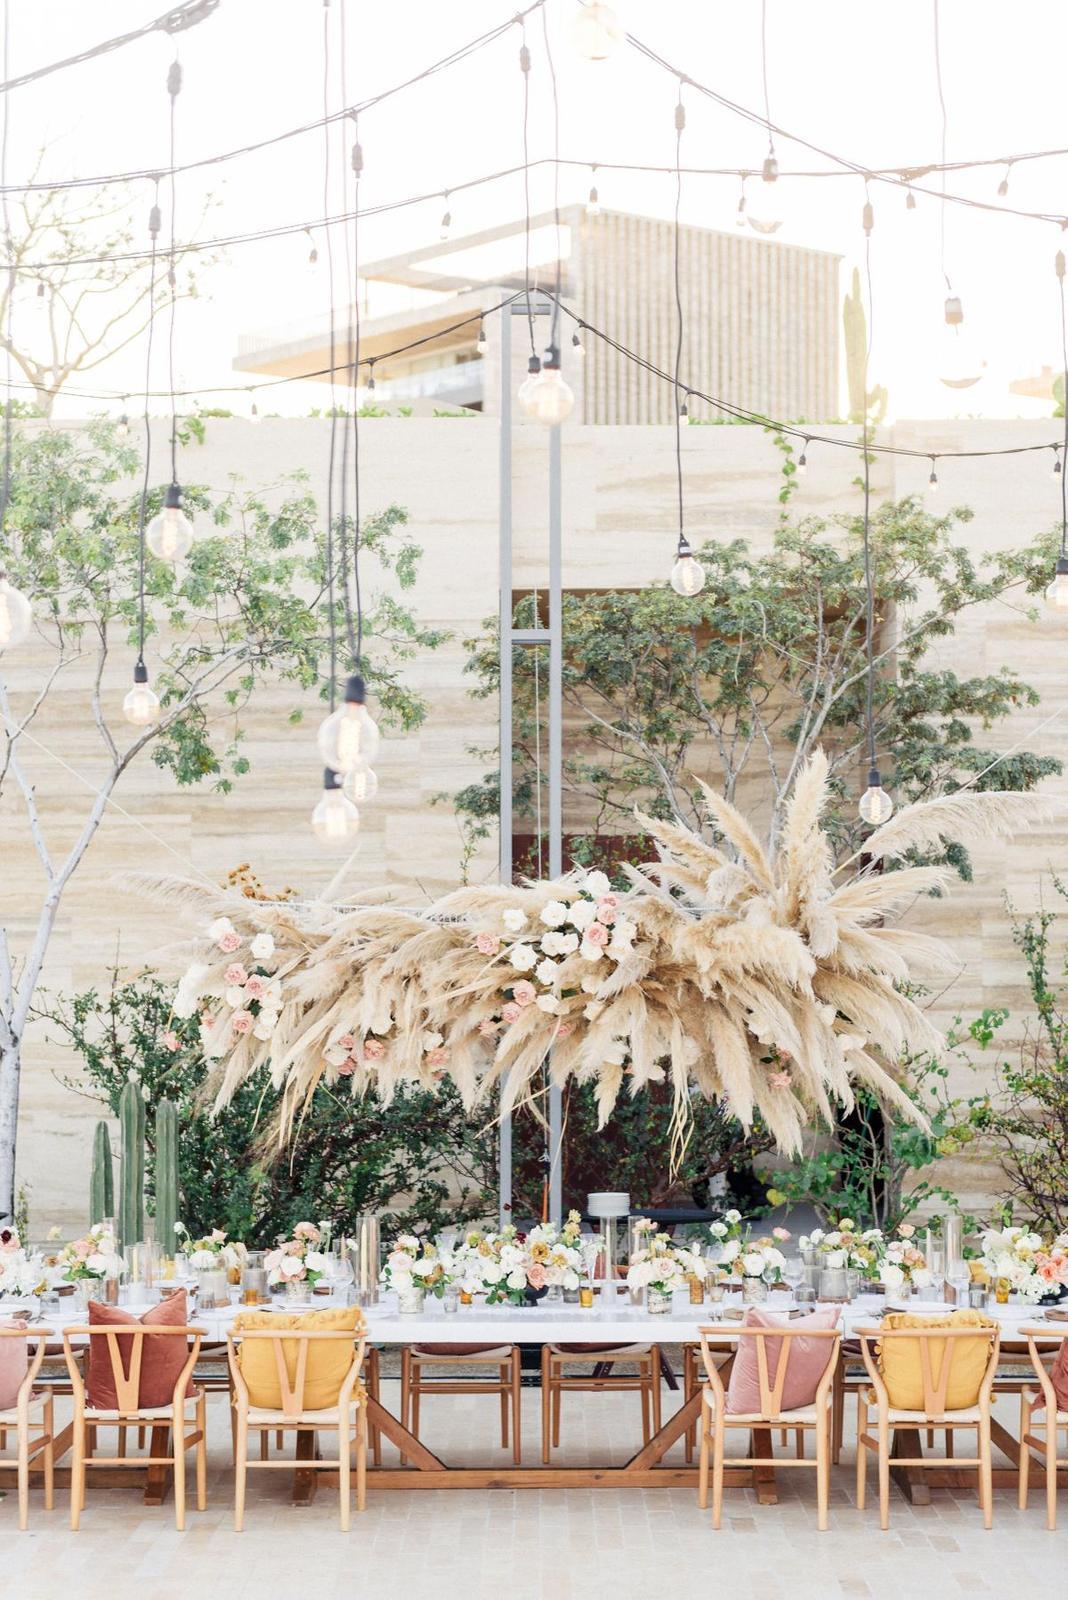 Inšpirácie na svadobné stolovovanie - Obrázok č. 35